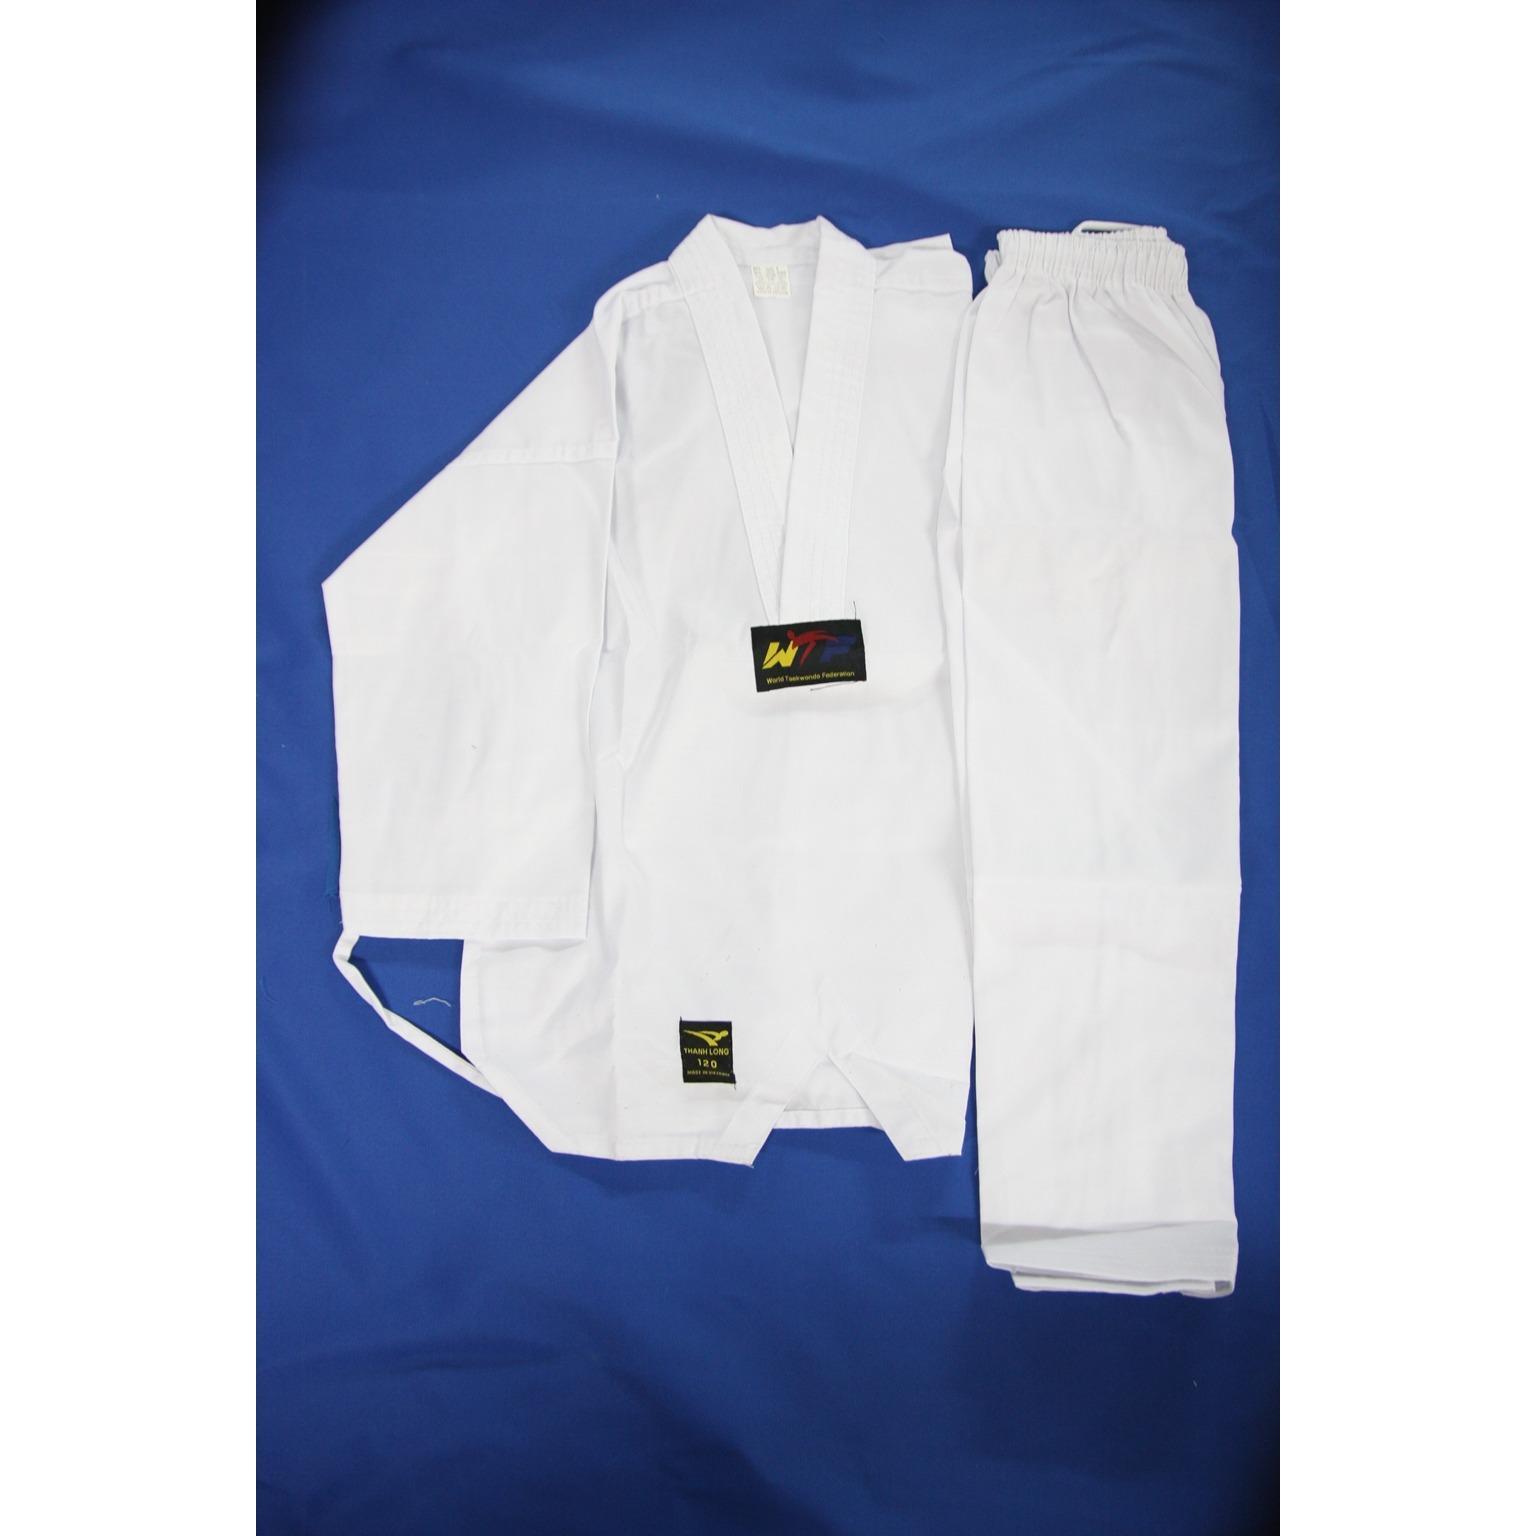 Võ Phục Taekwondo Vải Phong Trào (Đủ size từ 100-170cm)